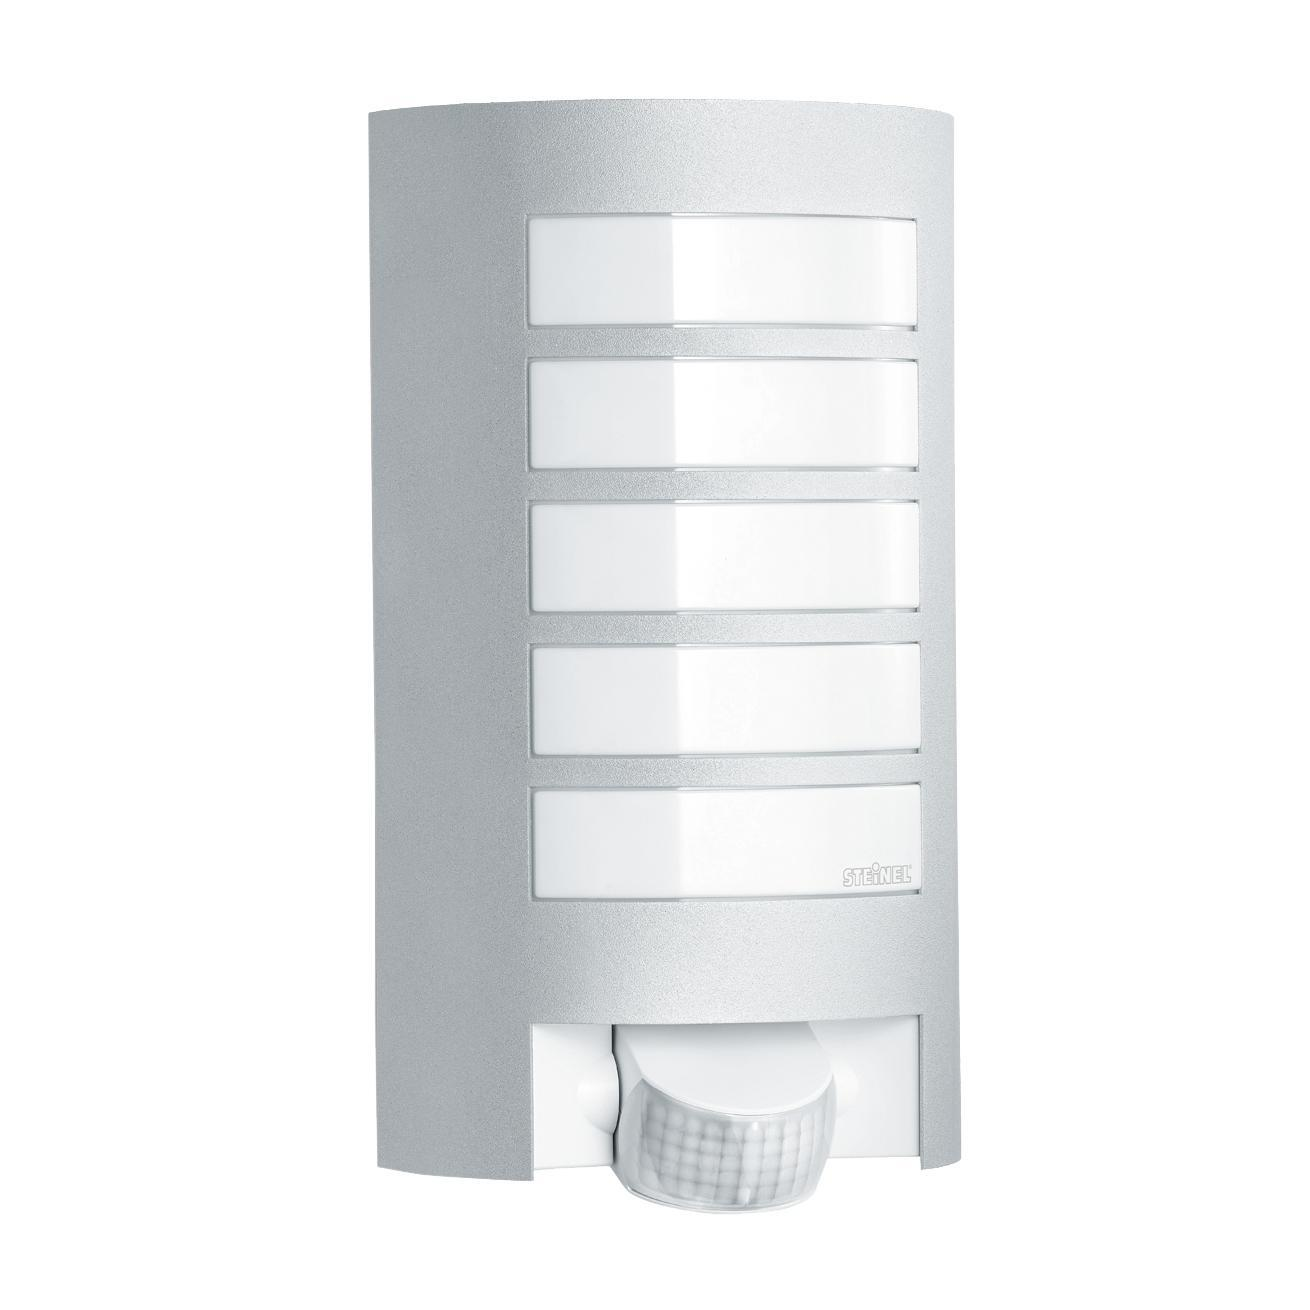 Applique L12 con sensore di movimento, in alluminio, grigio, E27 MAX60W IP44 STEINEL - 3